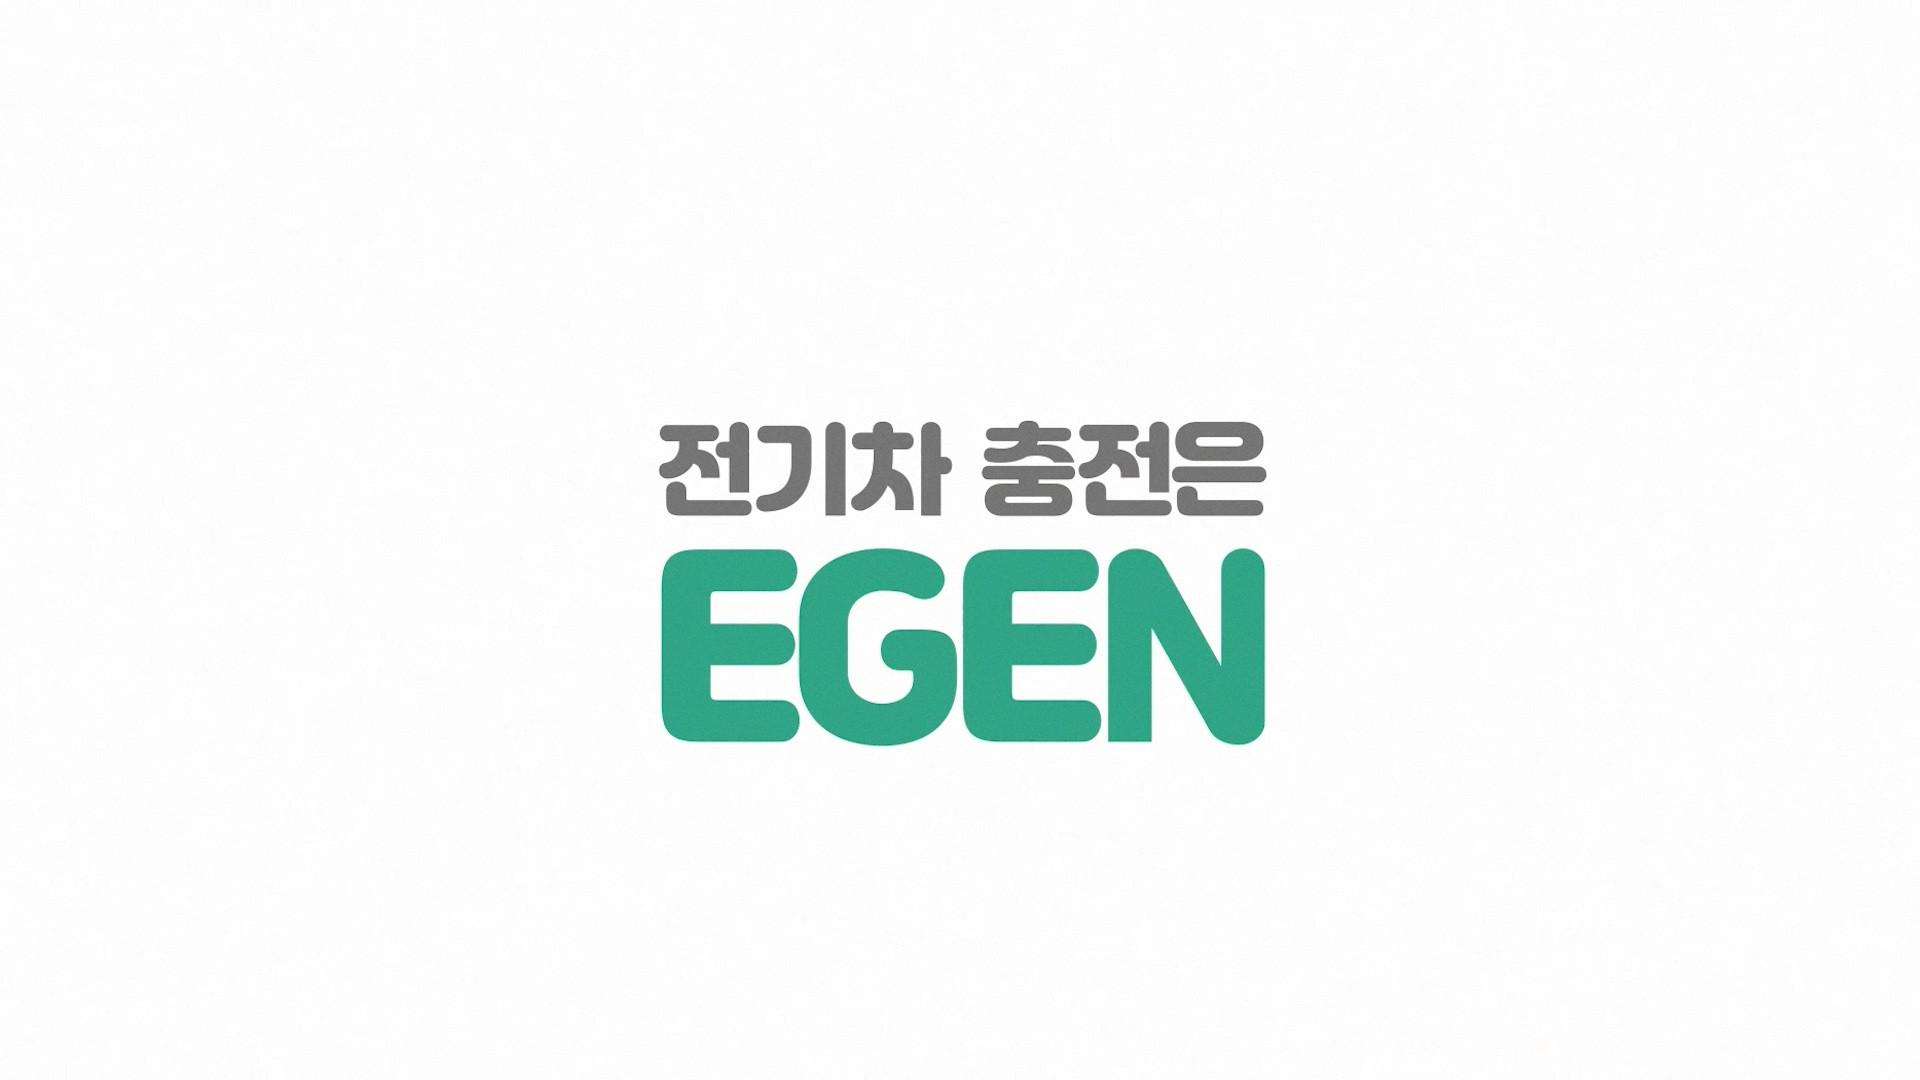 EGEN_200116_002.mp4_20200117_144155.201.